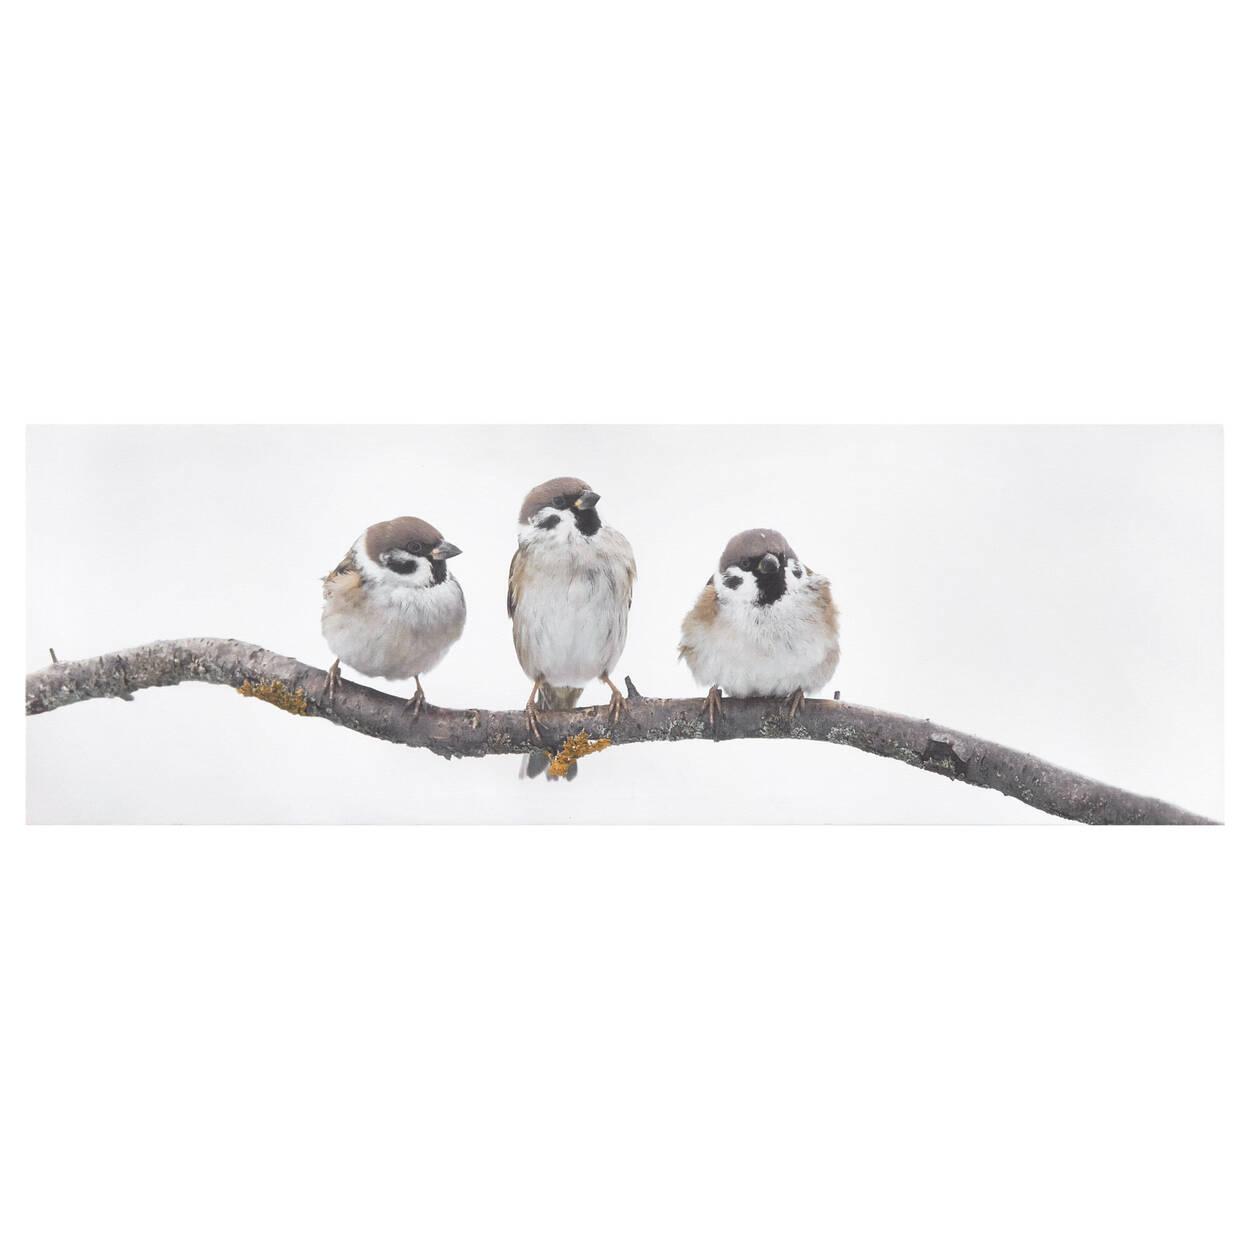 Tableau imprimé trois petits oiseaux perchés sur branche